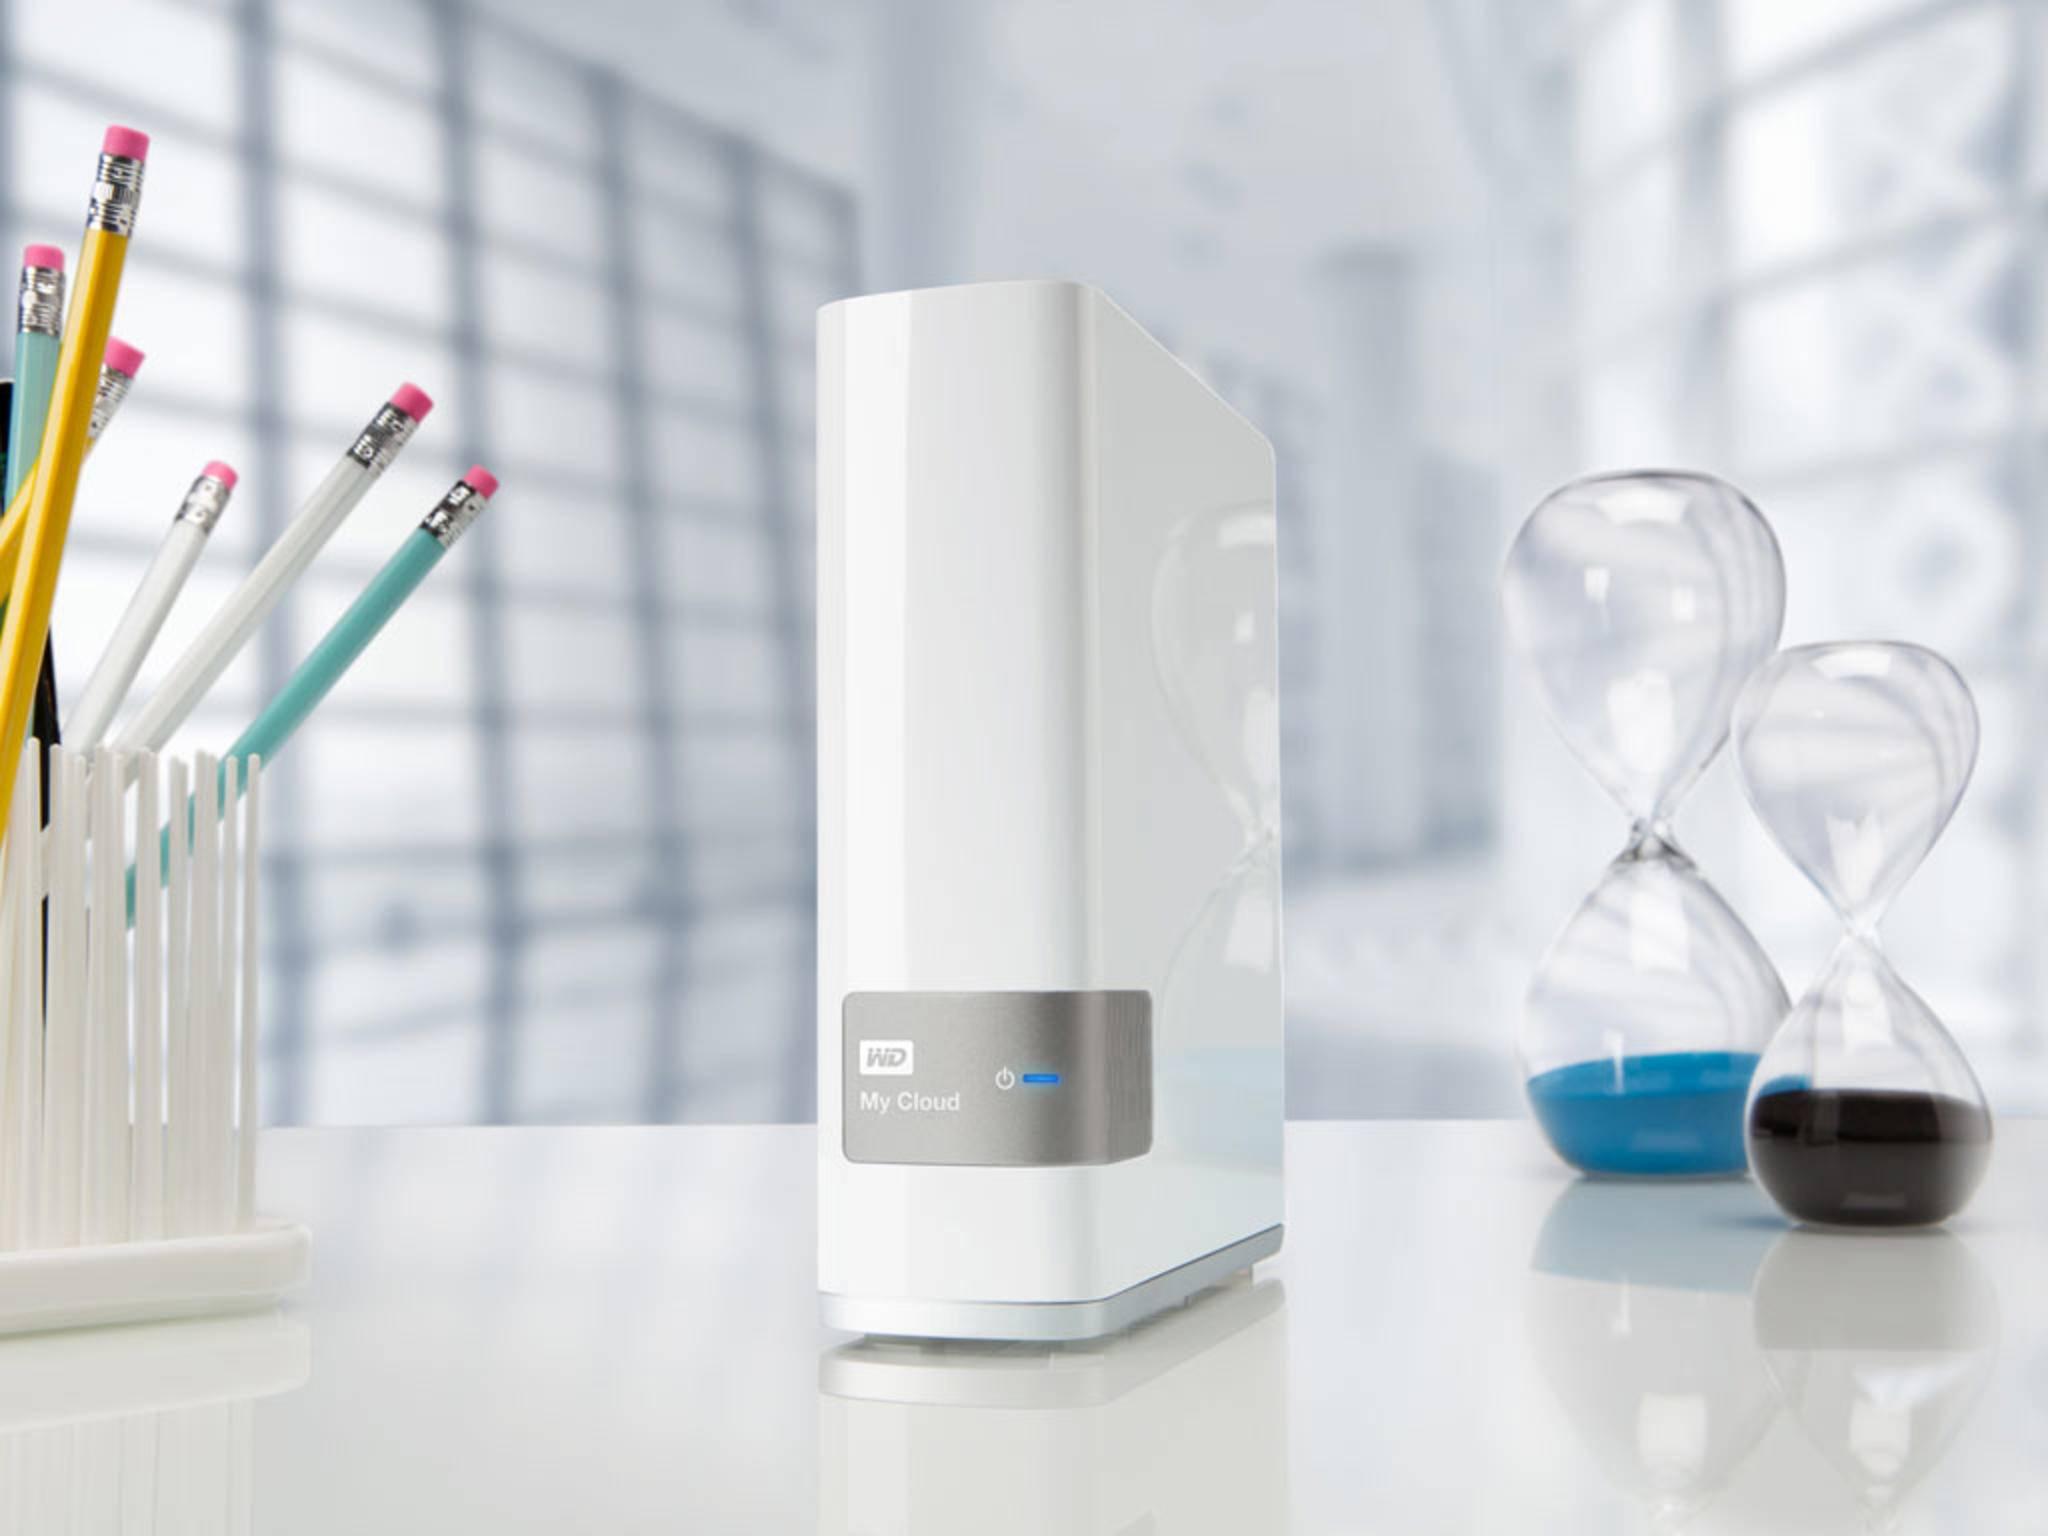 Der MyCloud NAS-Server lässt sich per Funkstick zu einer Smart-Home-Zentrale aufrüsten.